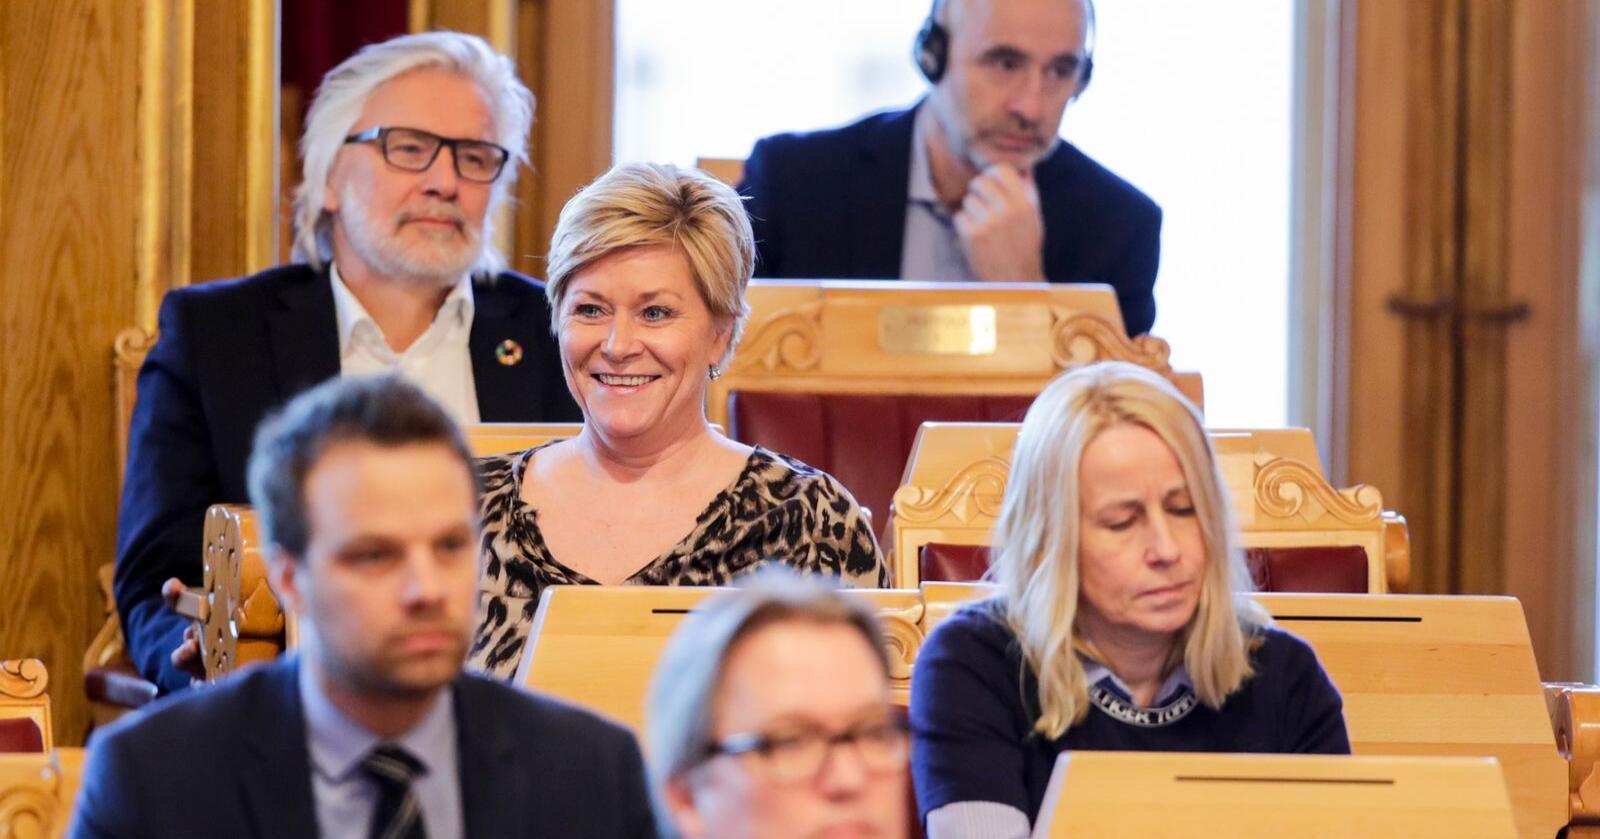 Frp-leder Siv Jensen er tilbake på Stortinget etter over seks år som finansminister. Nå gjør partiet et kjempebyks på målingene. Foto: Vidar Ruud / NTB scanpix